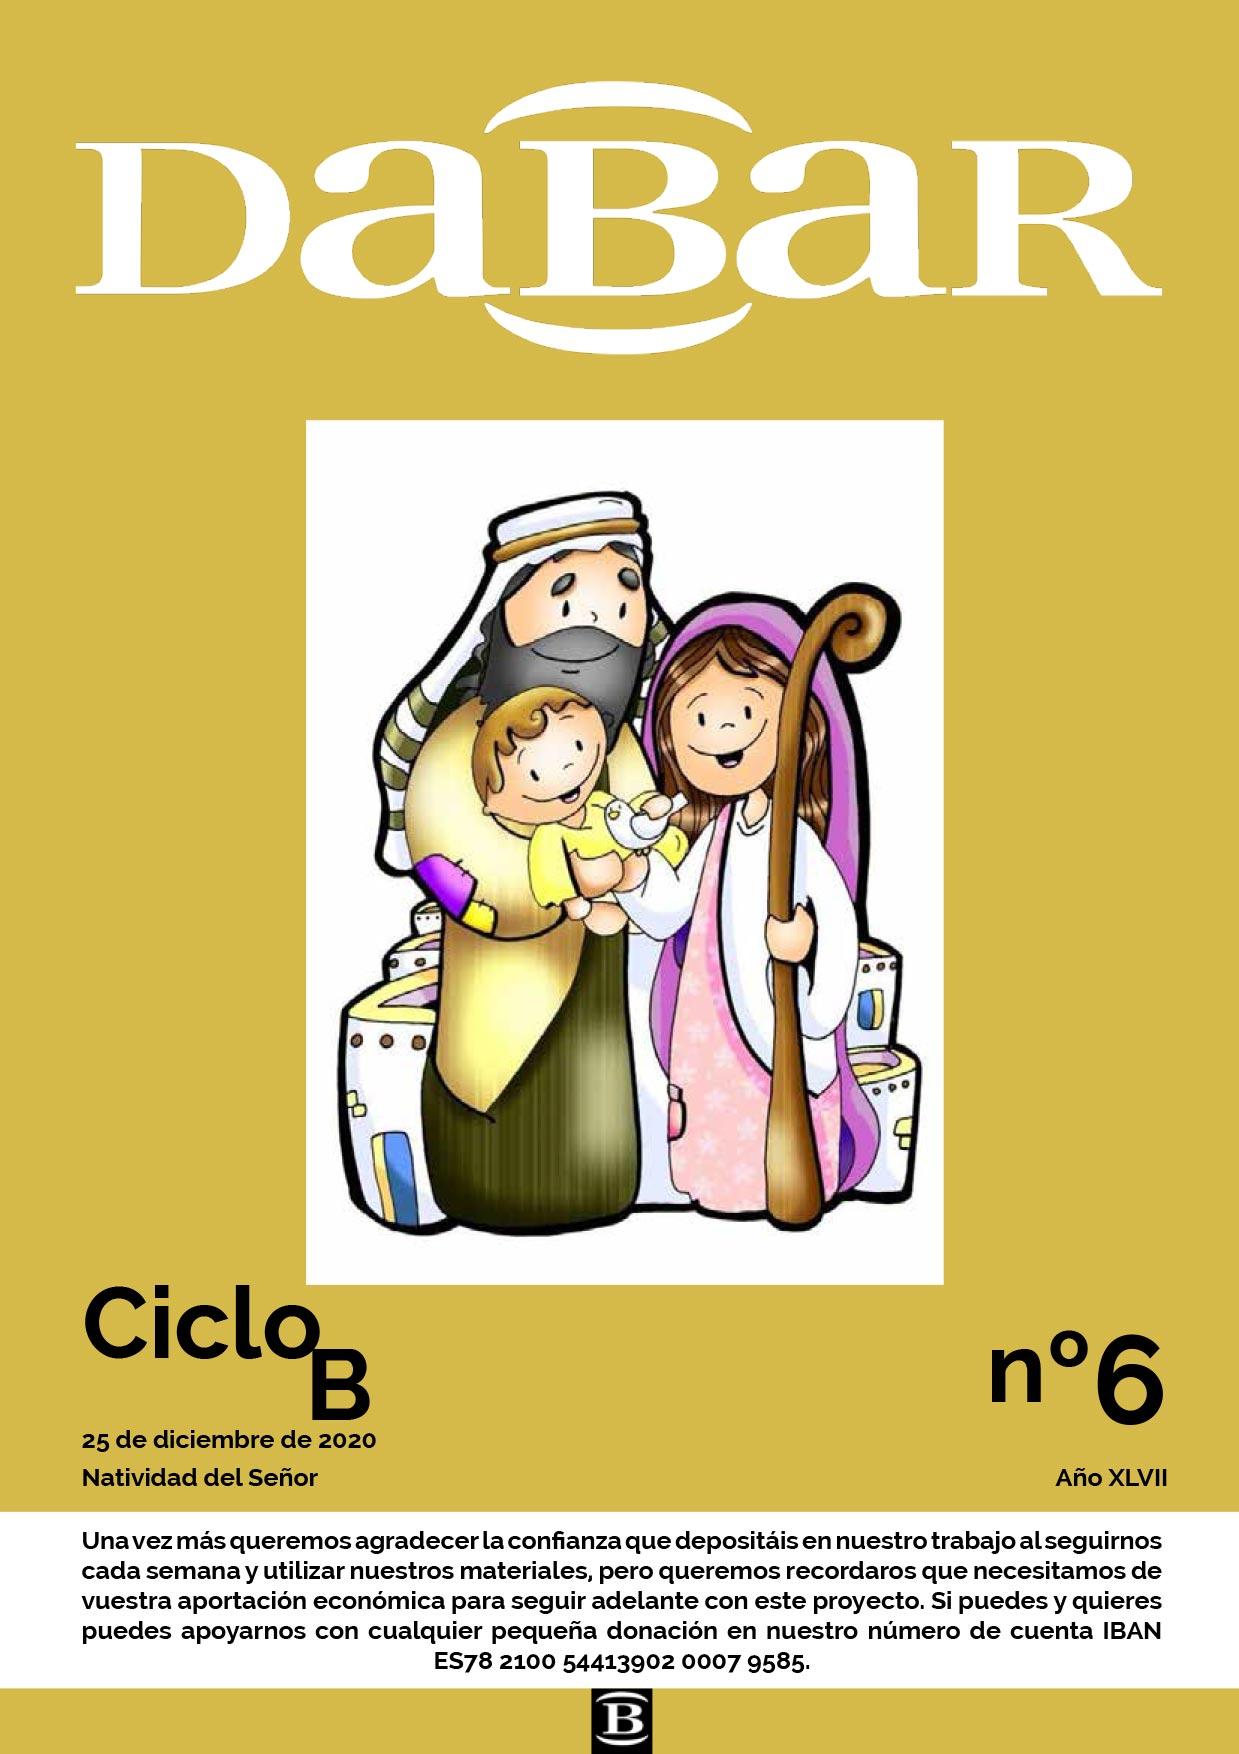 Dabar Revista numero 6 ciclo B